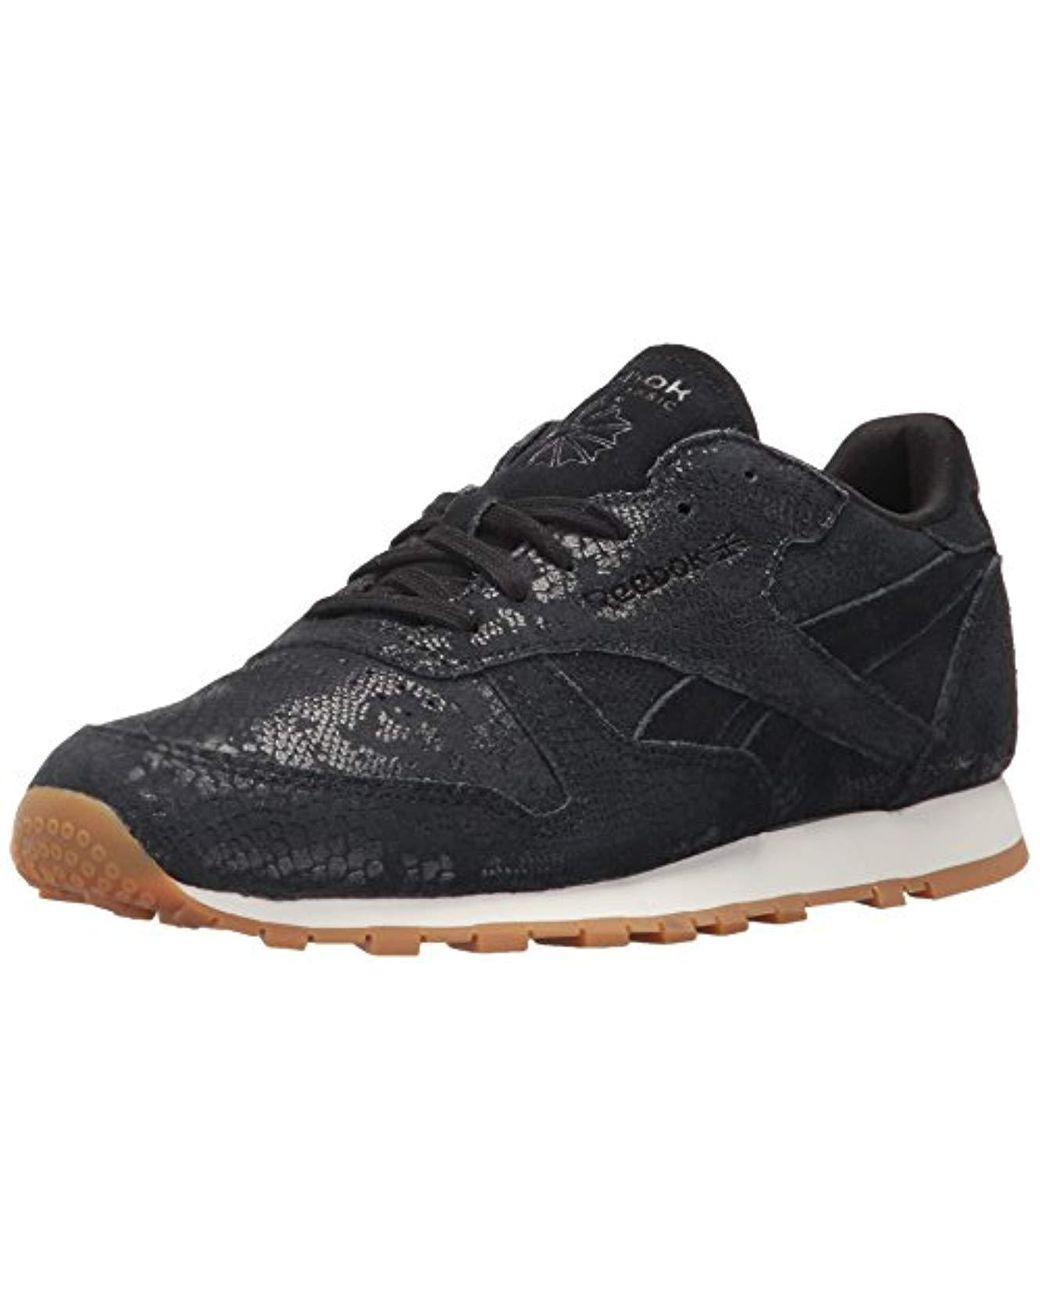 Women's Black Cl Lthr Clean Exotic Print Track Shoe